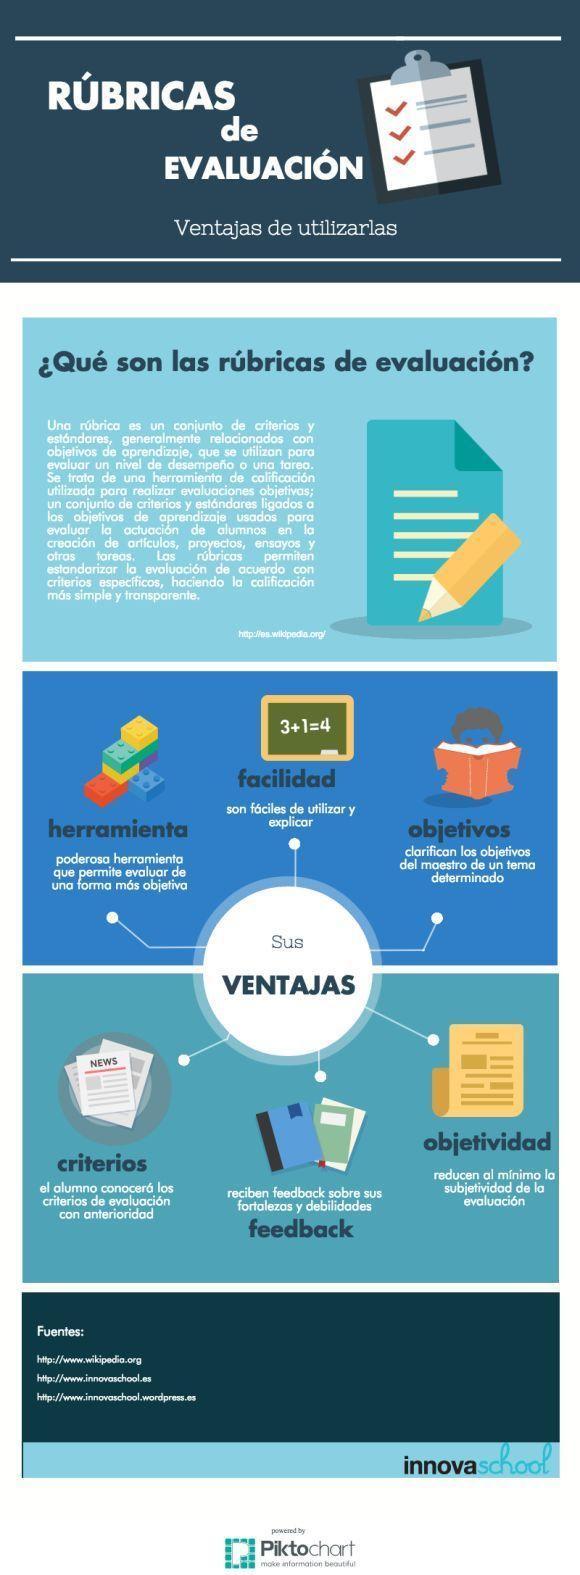 Infografía sobre las rúbricas de evaluación